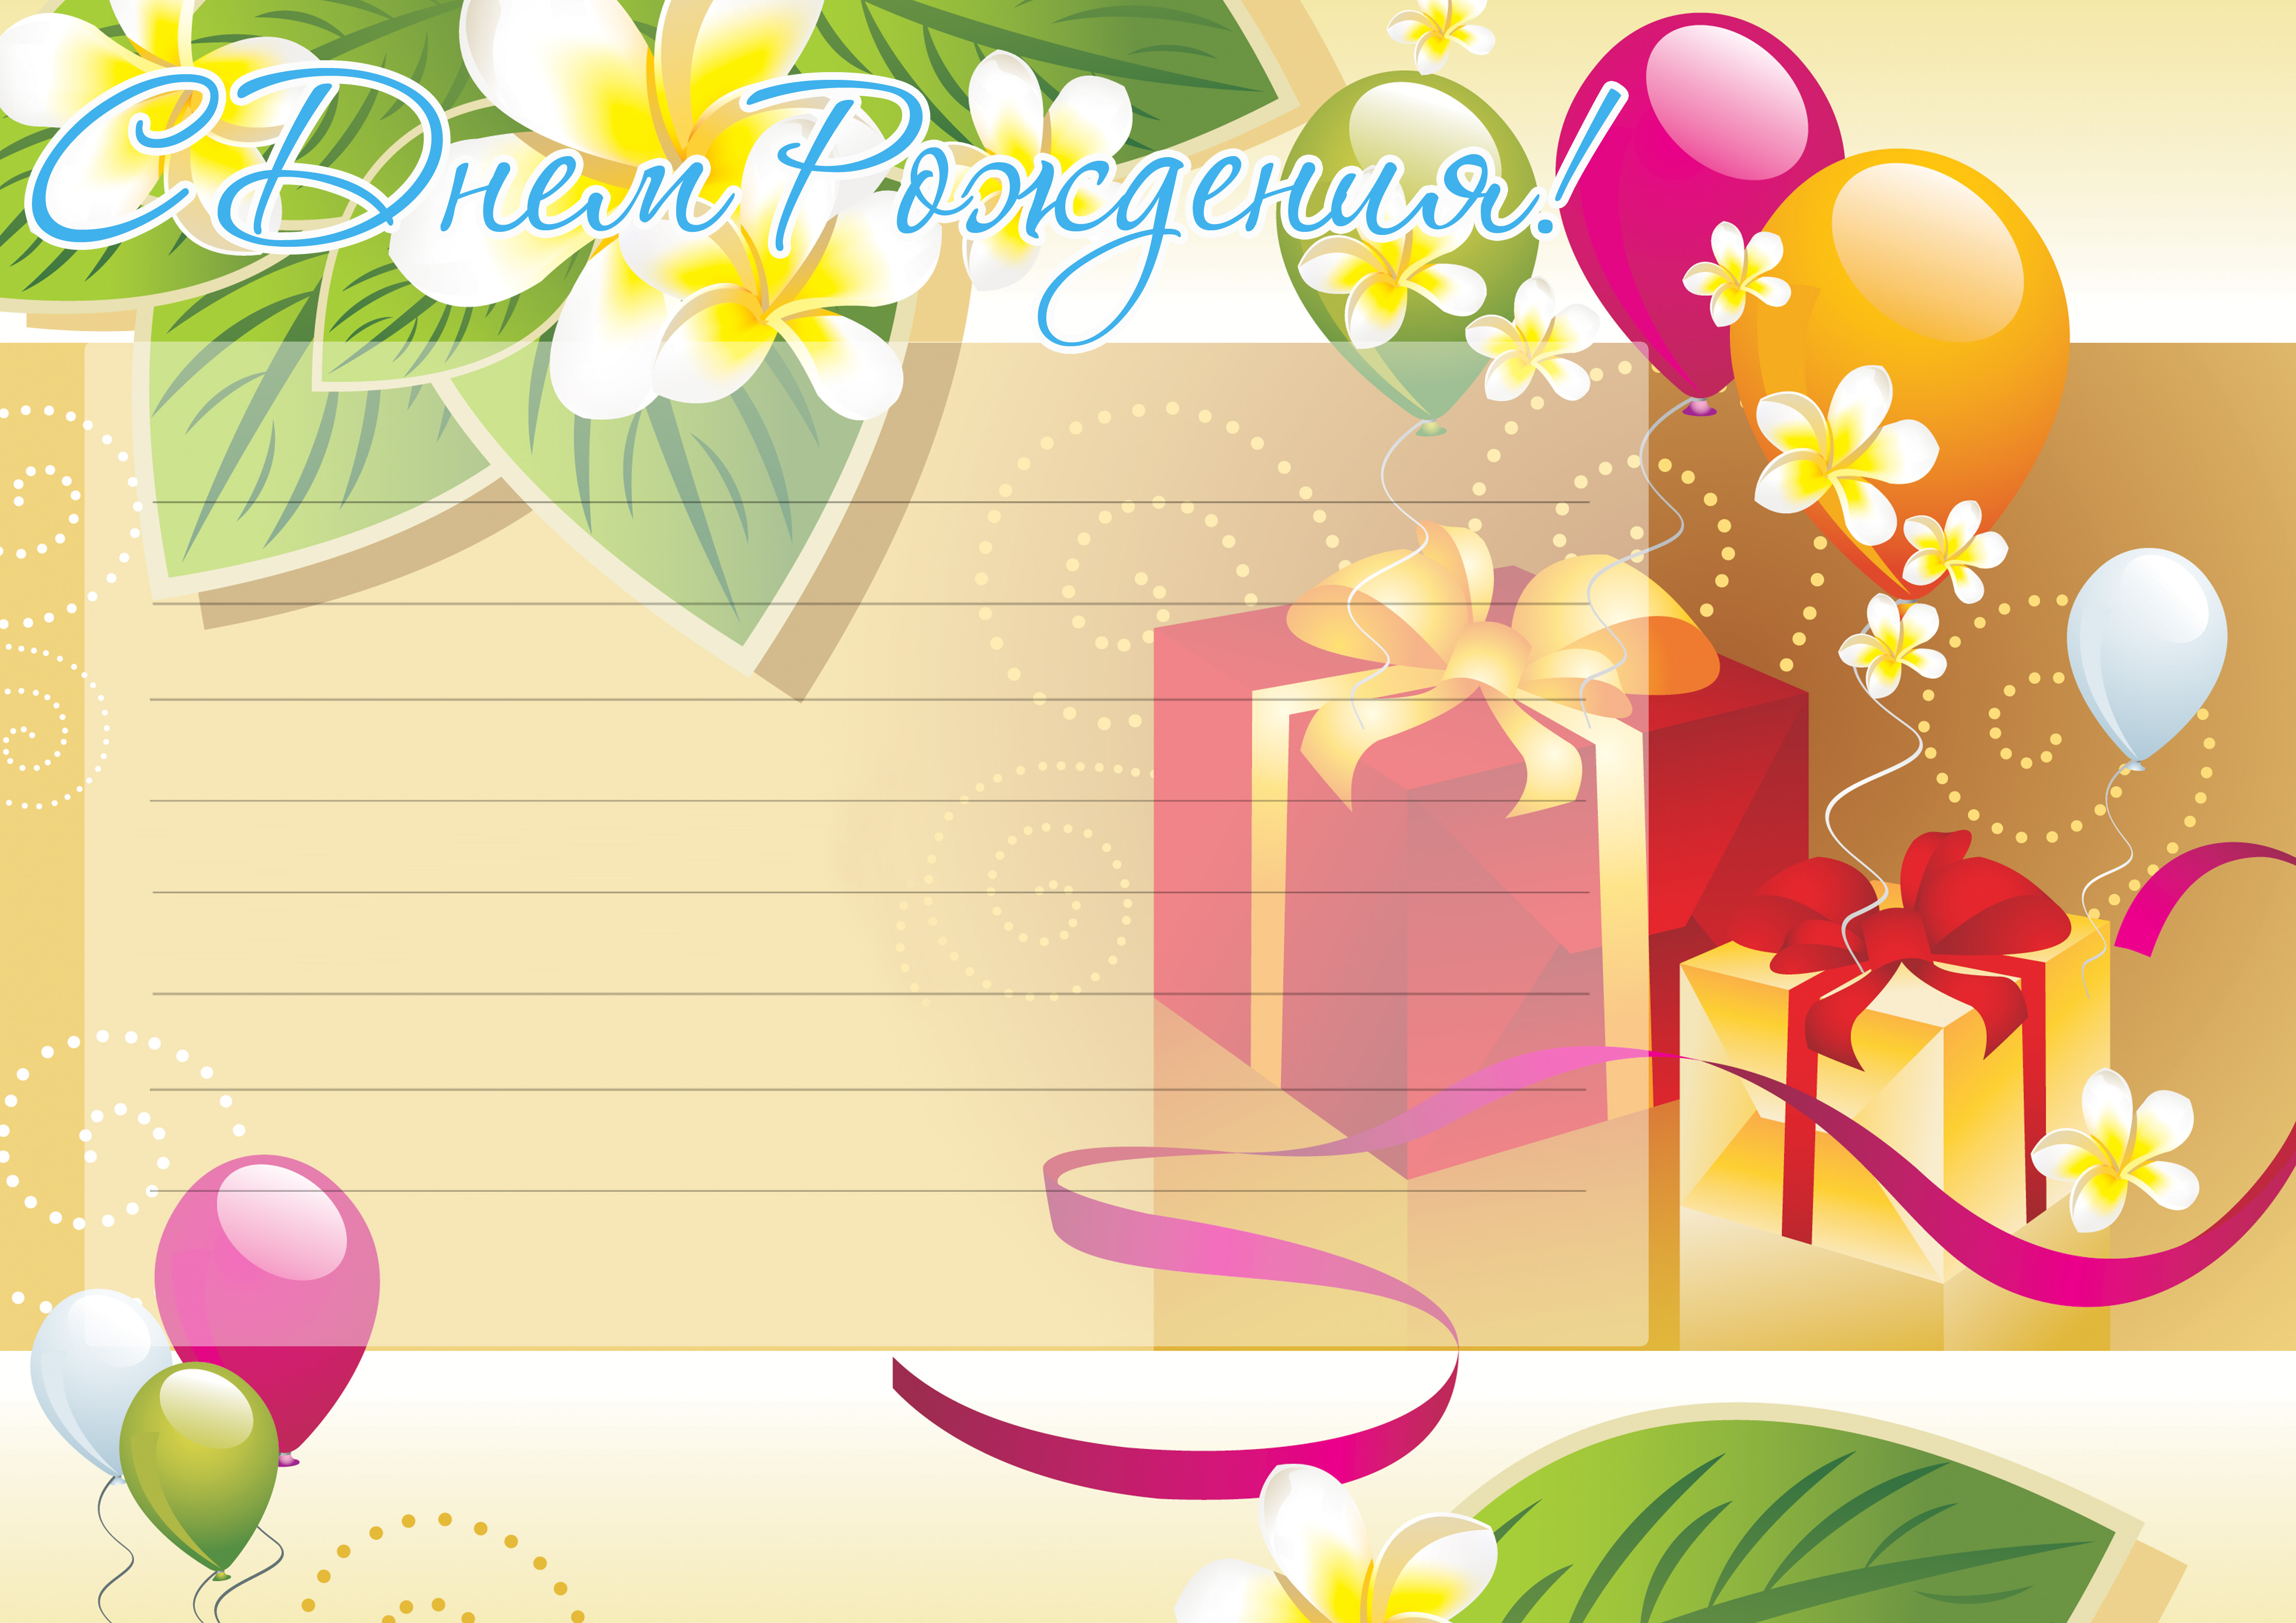 Шаблоны для открыток с днем рождения: фото и картинки 37